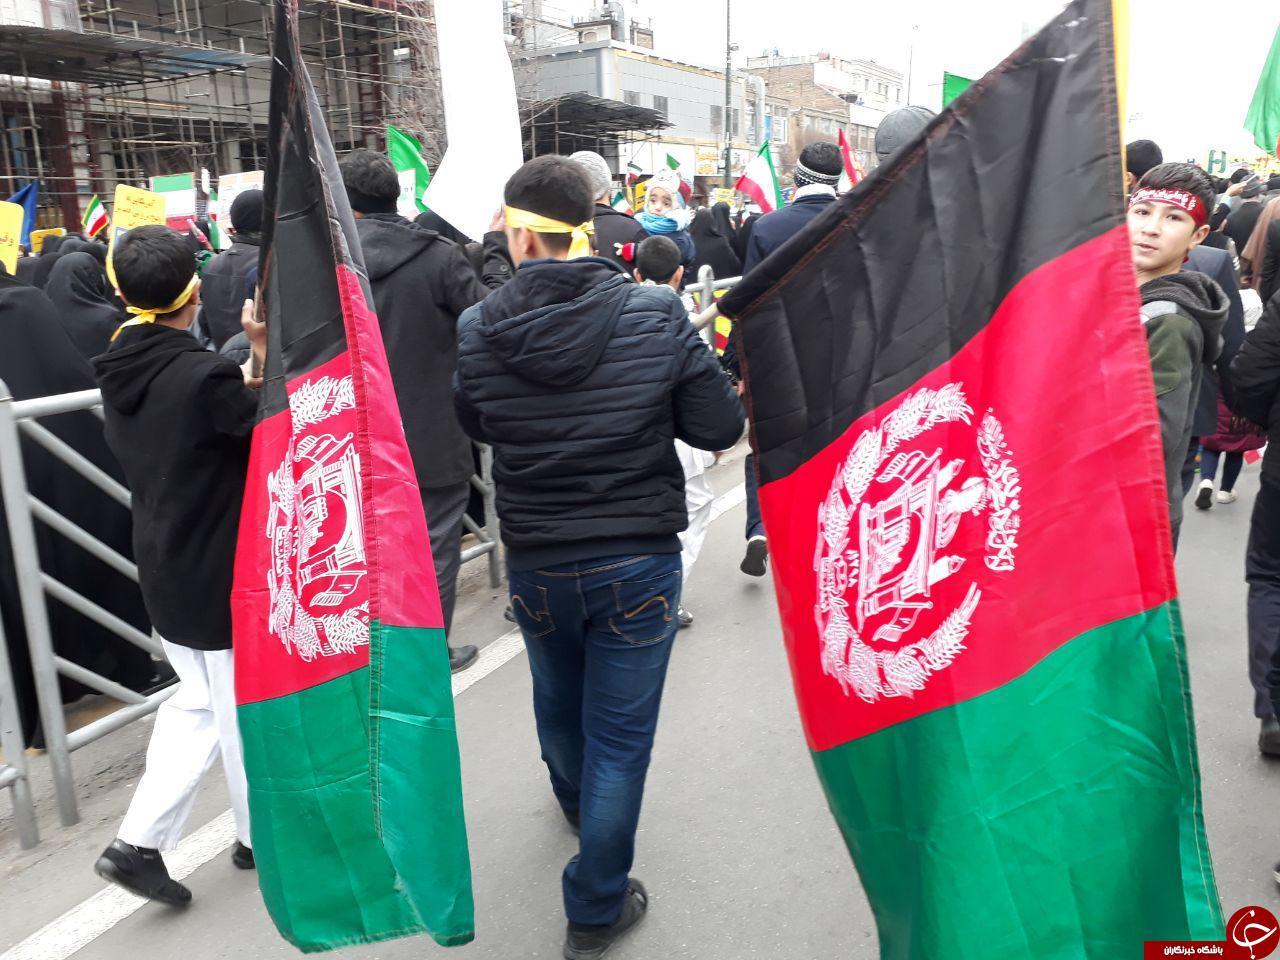 گزارش تصویری: حضور گسترده مهاجرین افغانستانی در جشن ۴۱ سالگی انقلاب اسلامی